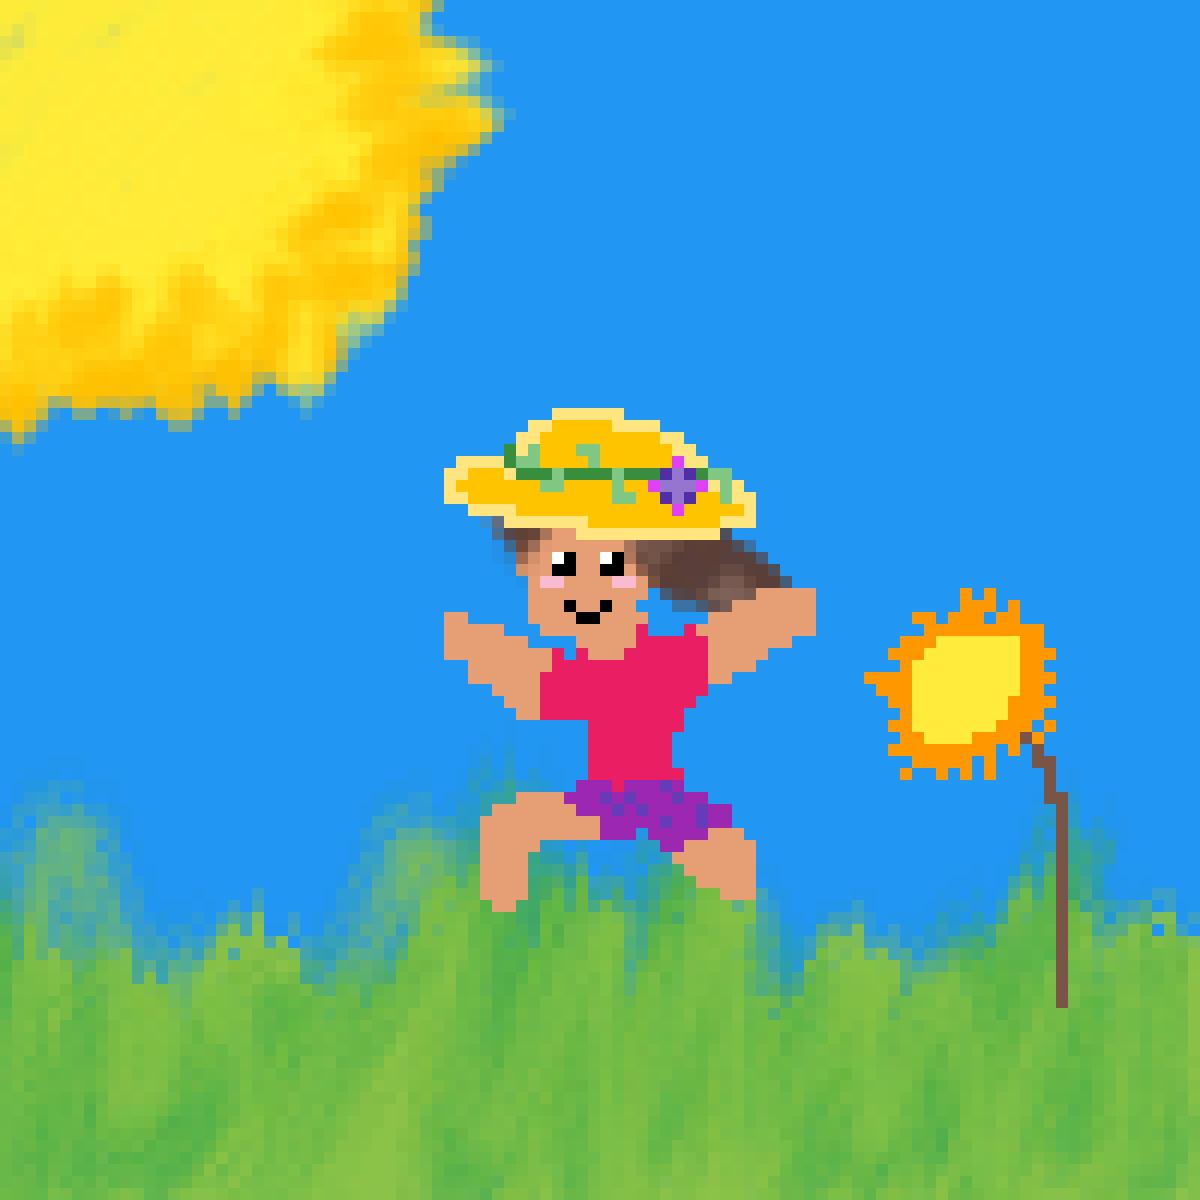 Spring by PandaPixelgirl